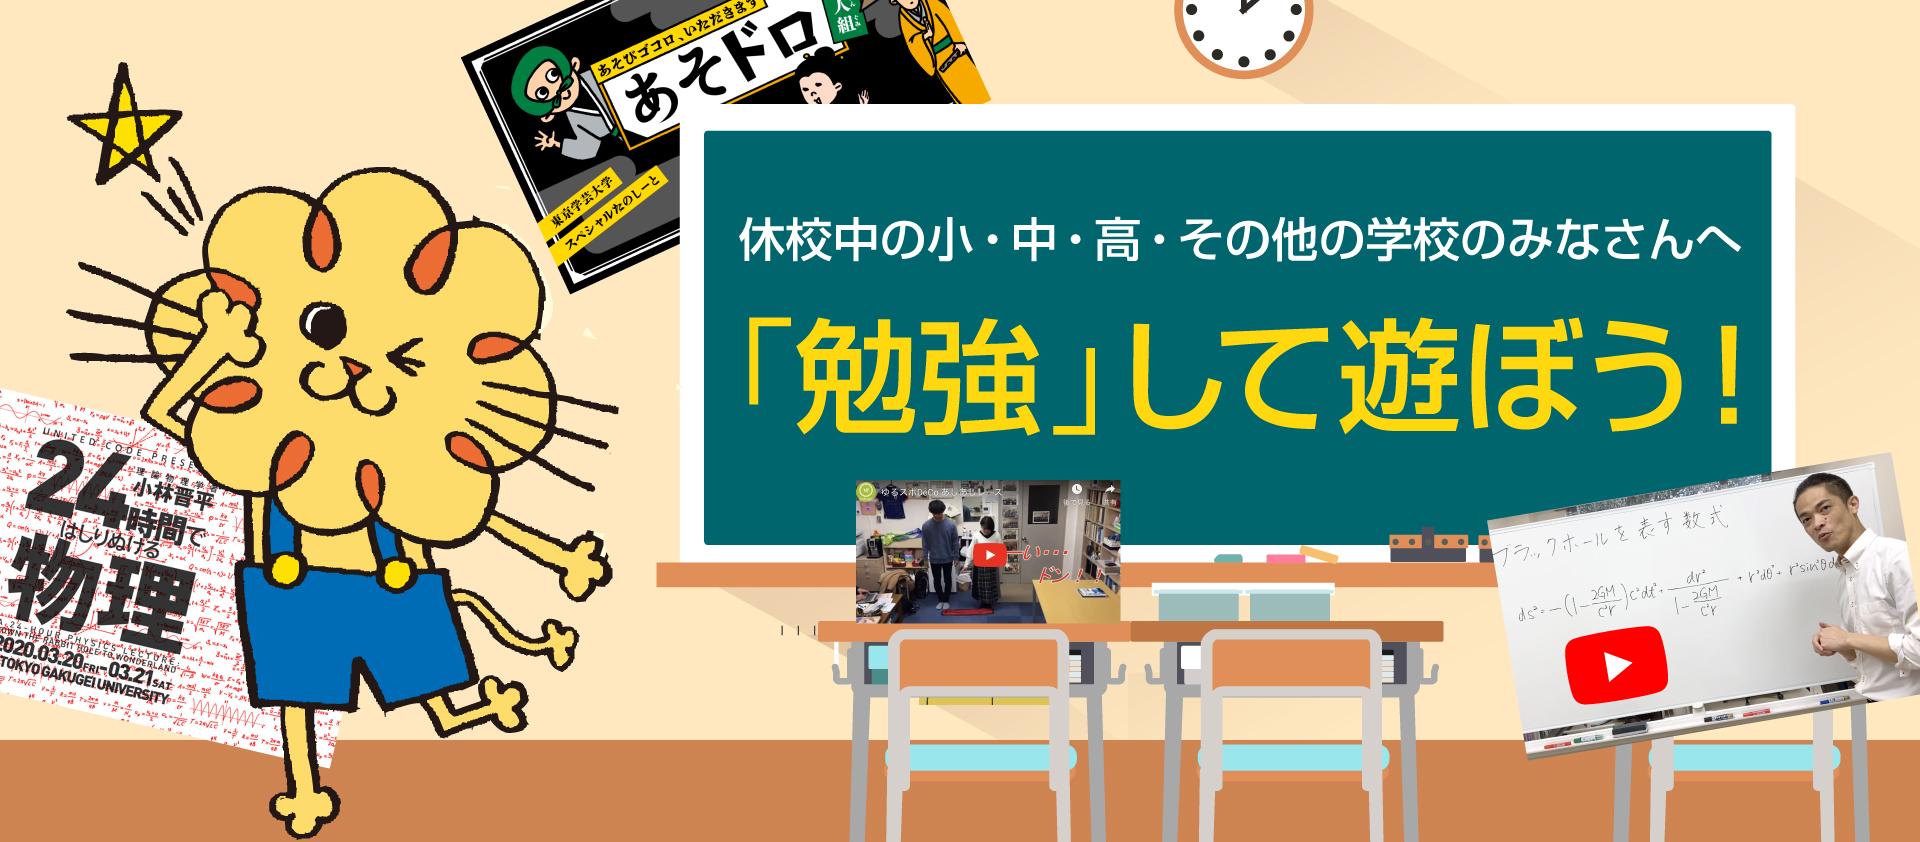 「勉強」して遊ぼう!(4/27更新)